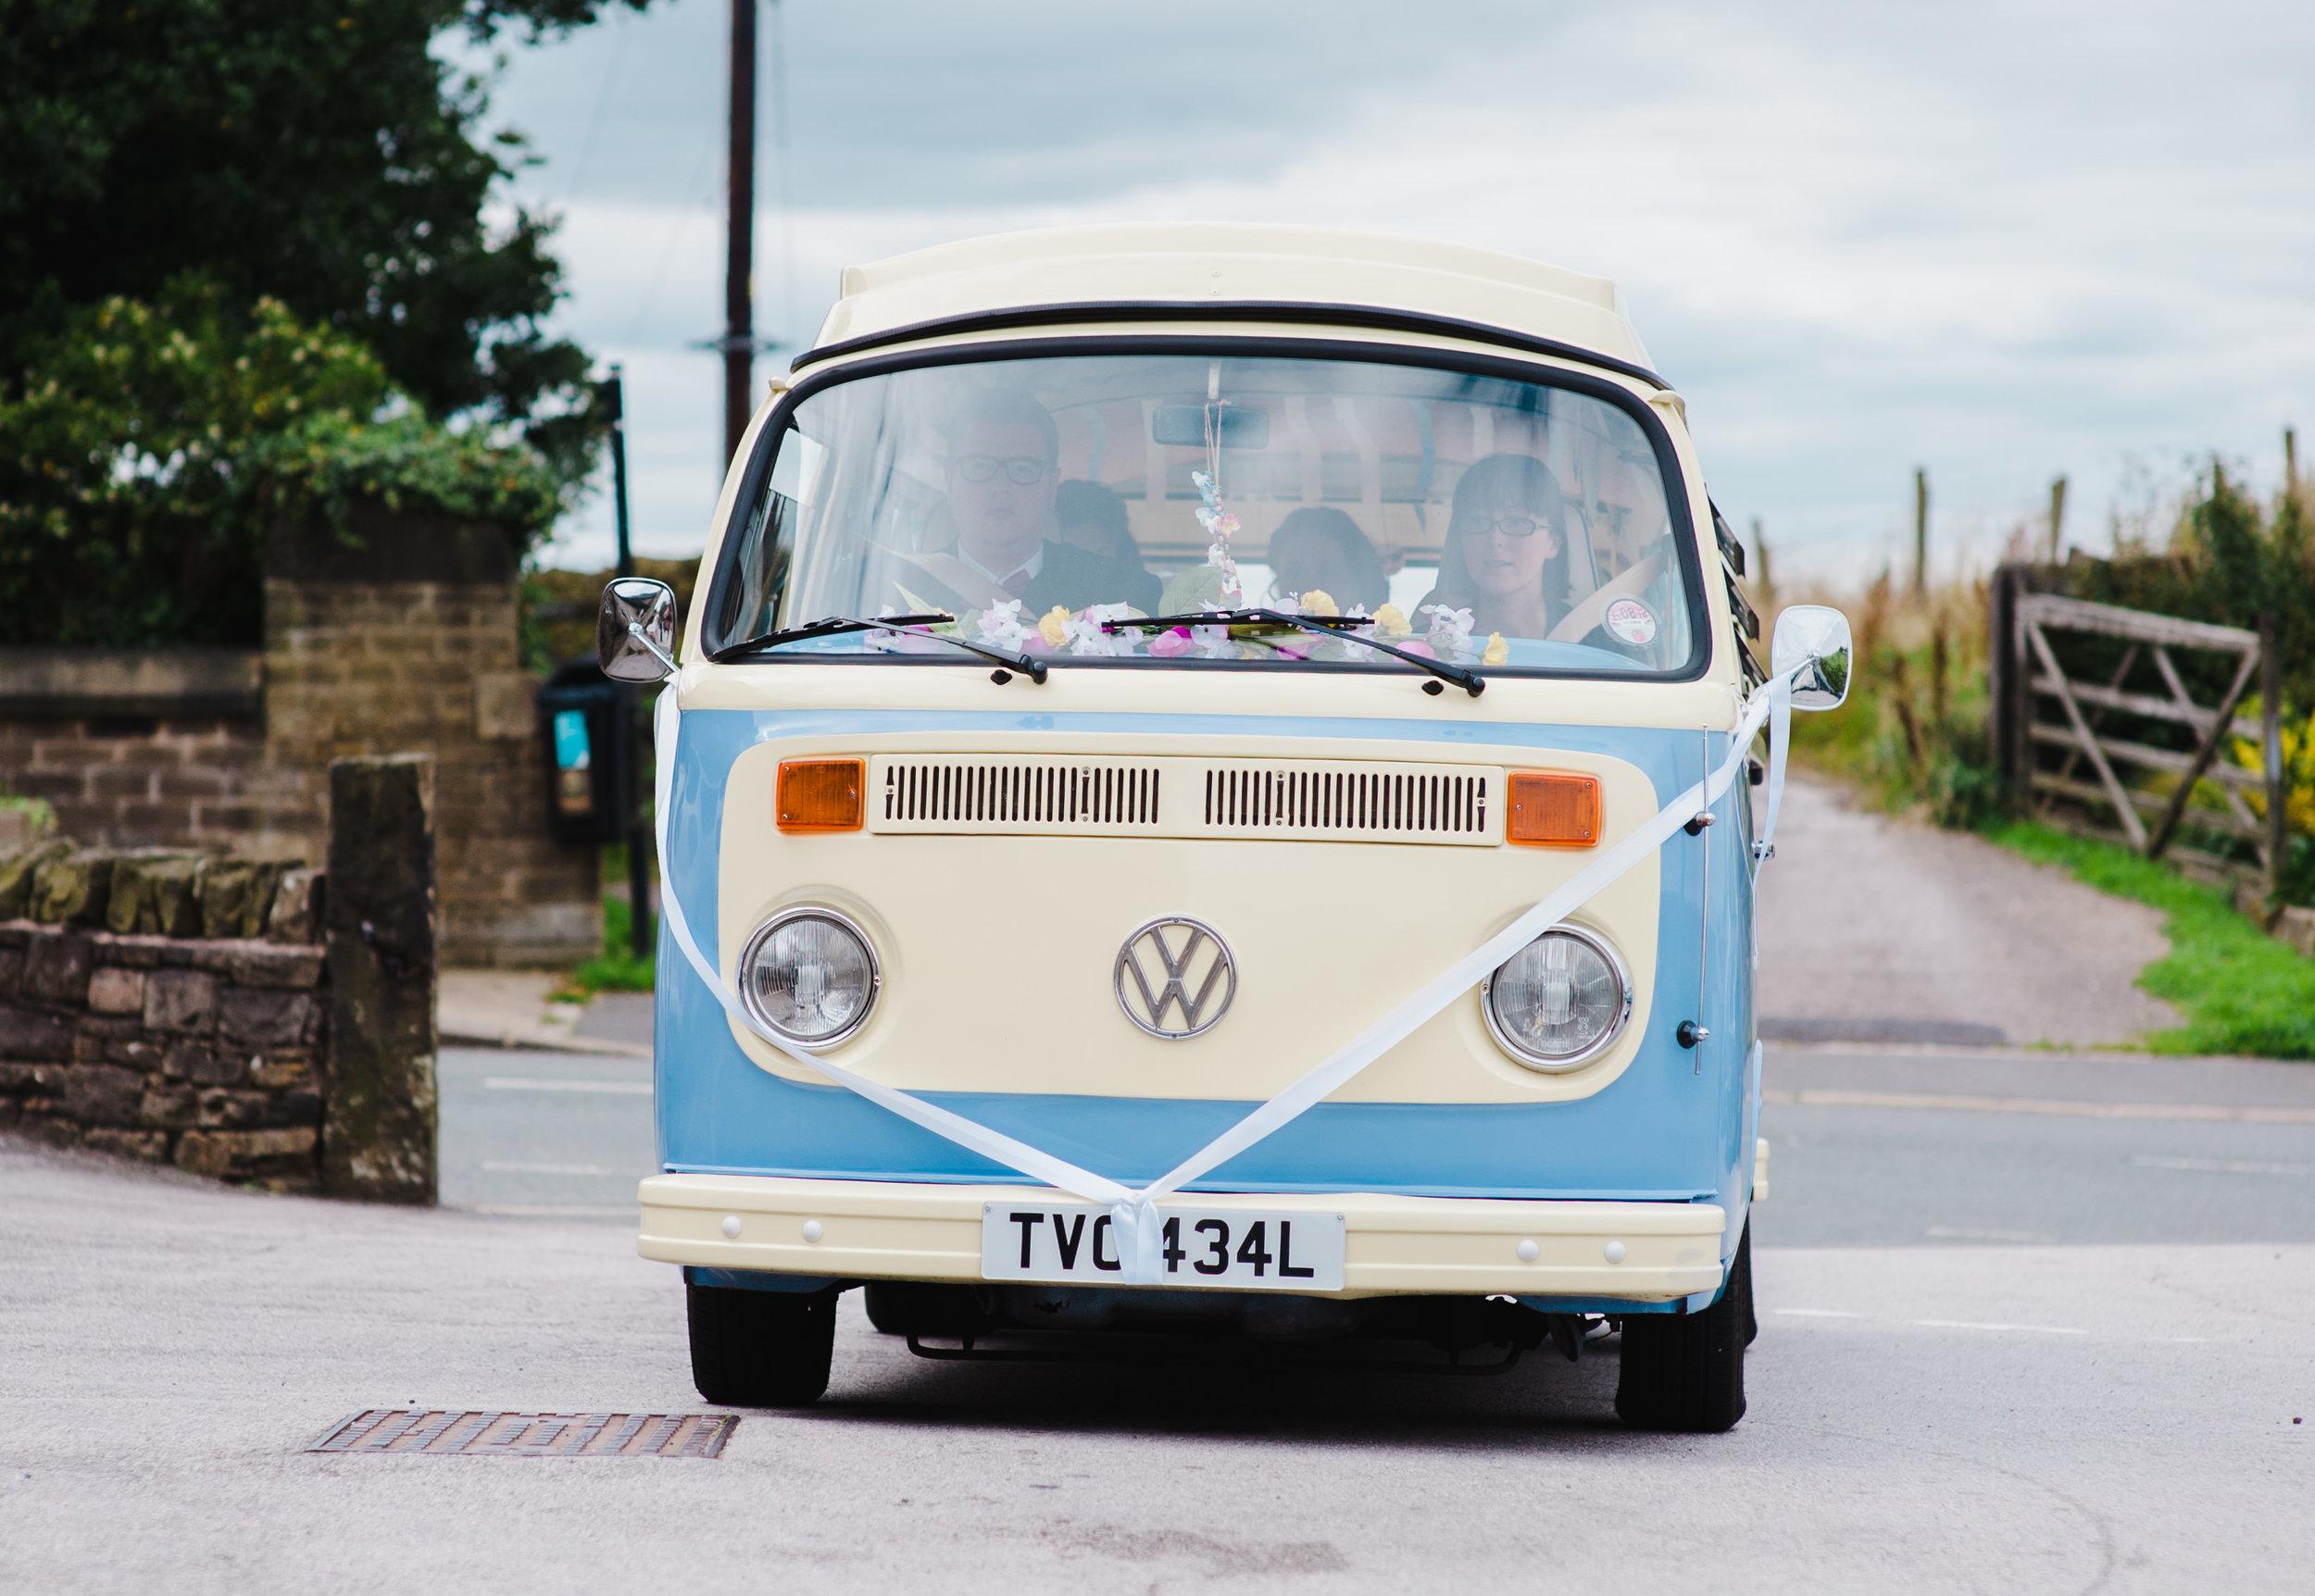 Manchester Wedding Photographer - The White Hart Inn at Lydgate ...